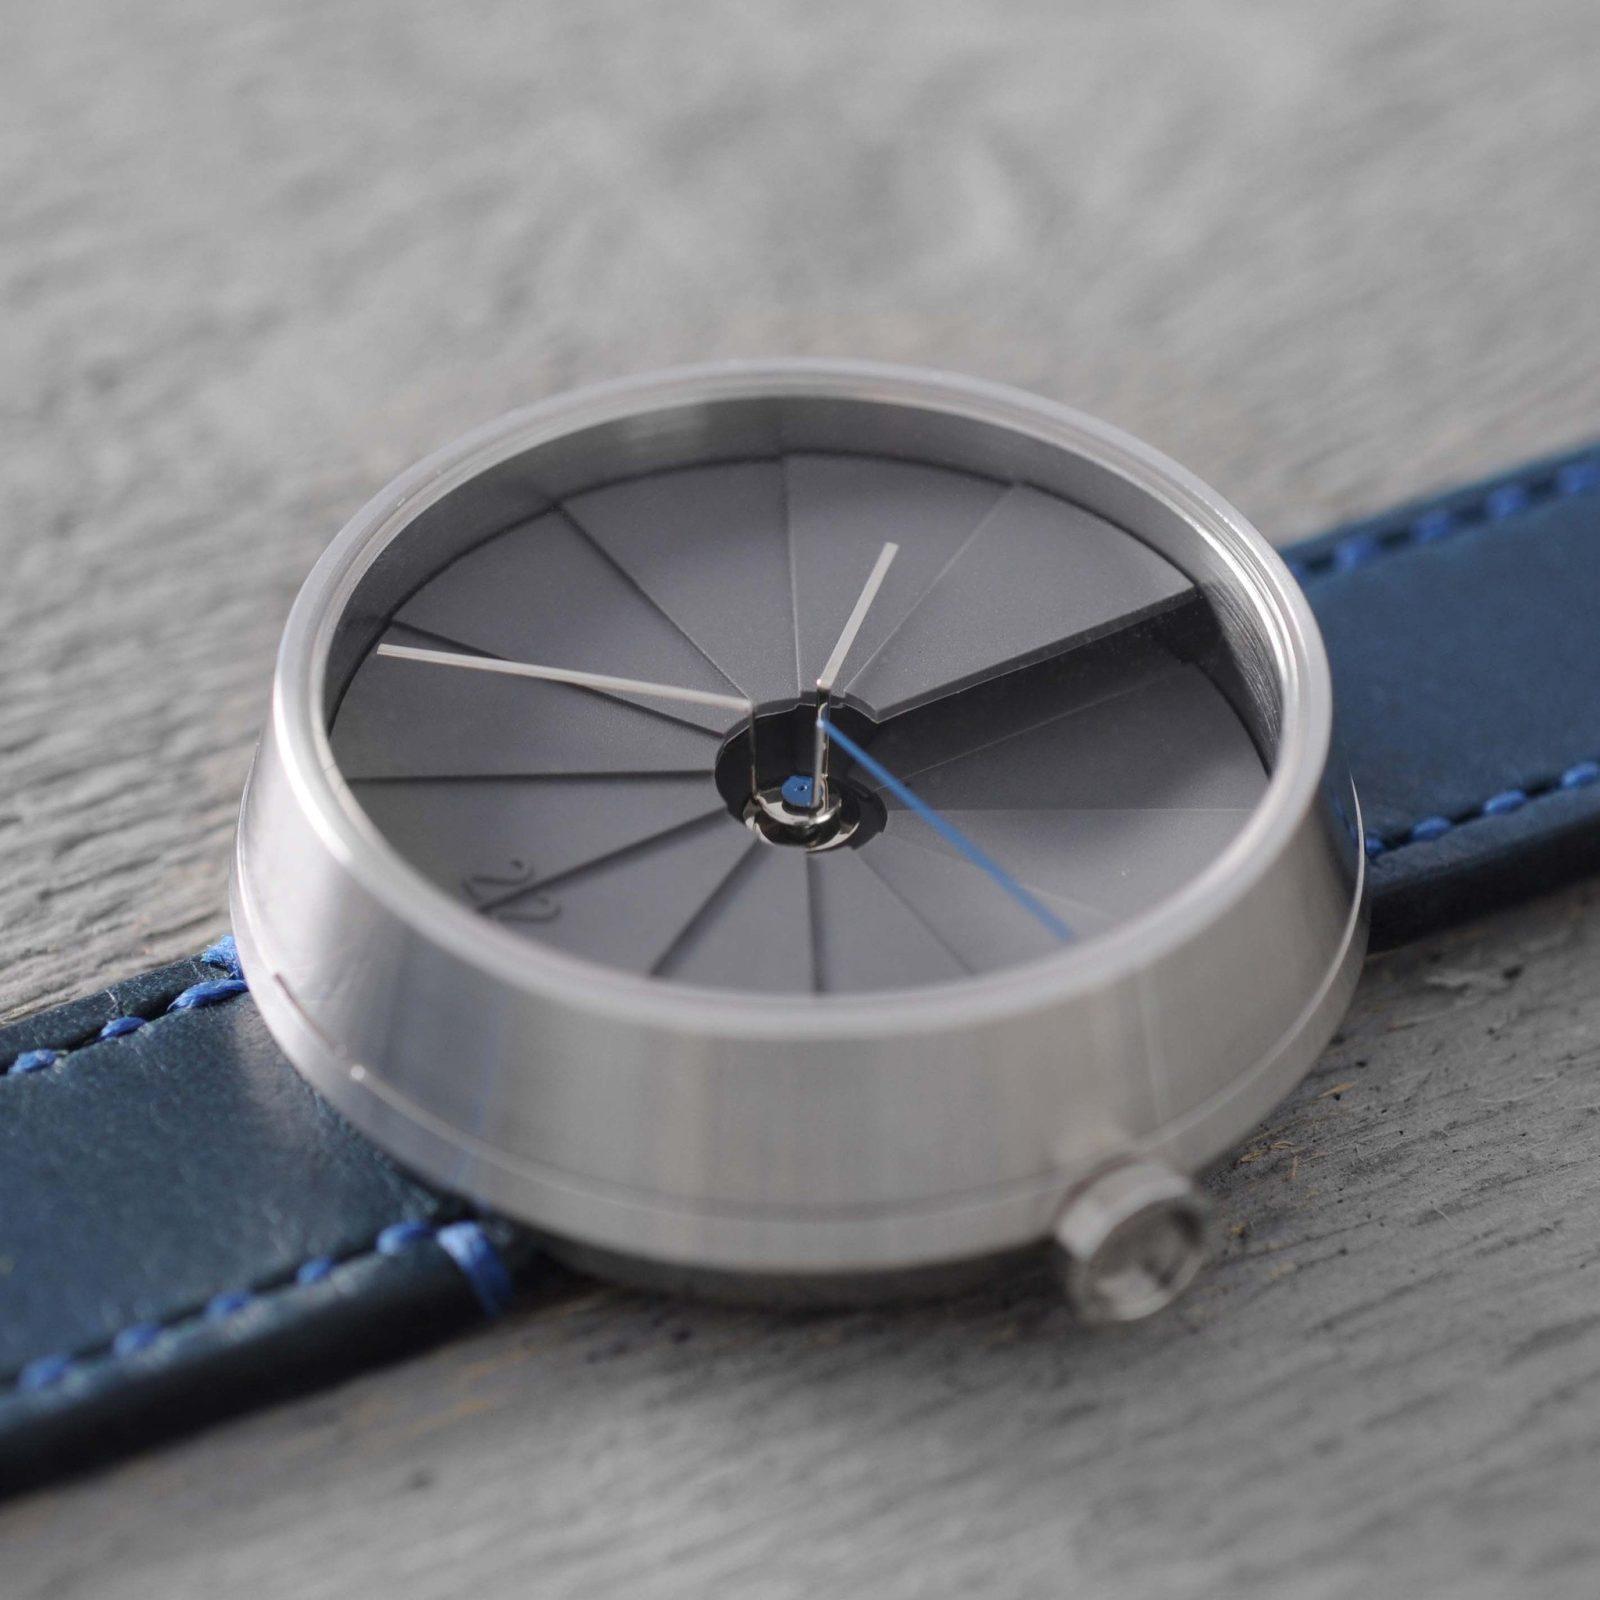 4th Dimension Concrete Wrist Watch, Harbour Edition-32707